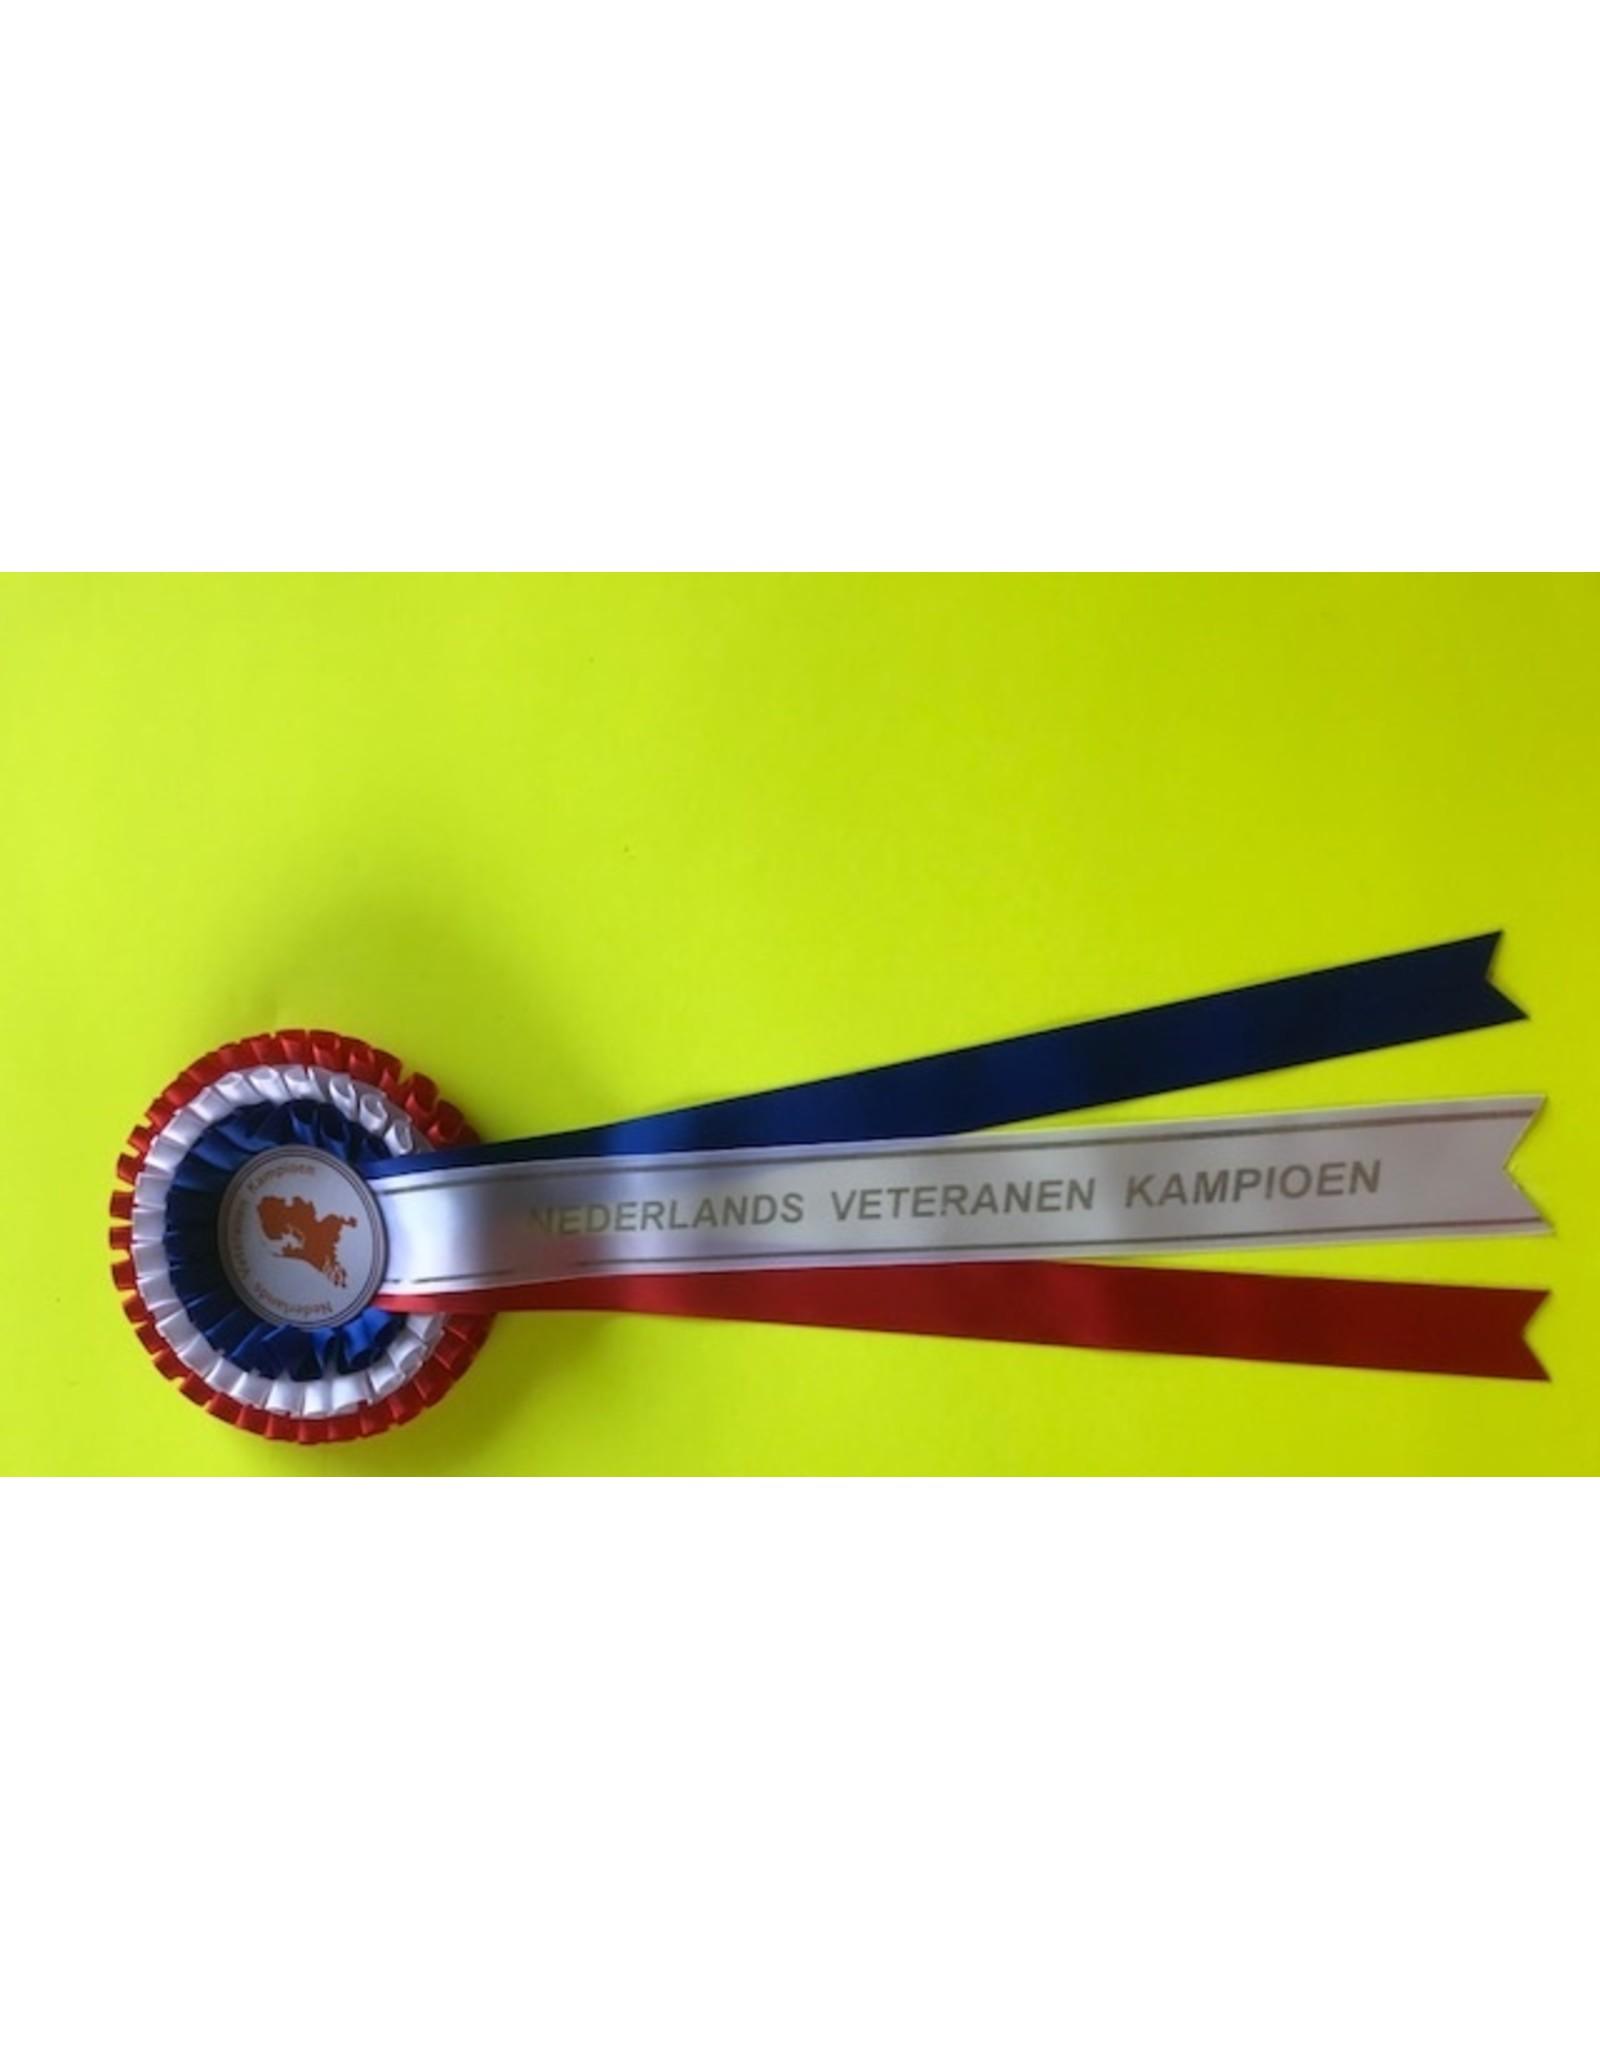 Nederlands veteraan kampioen